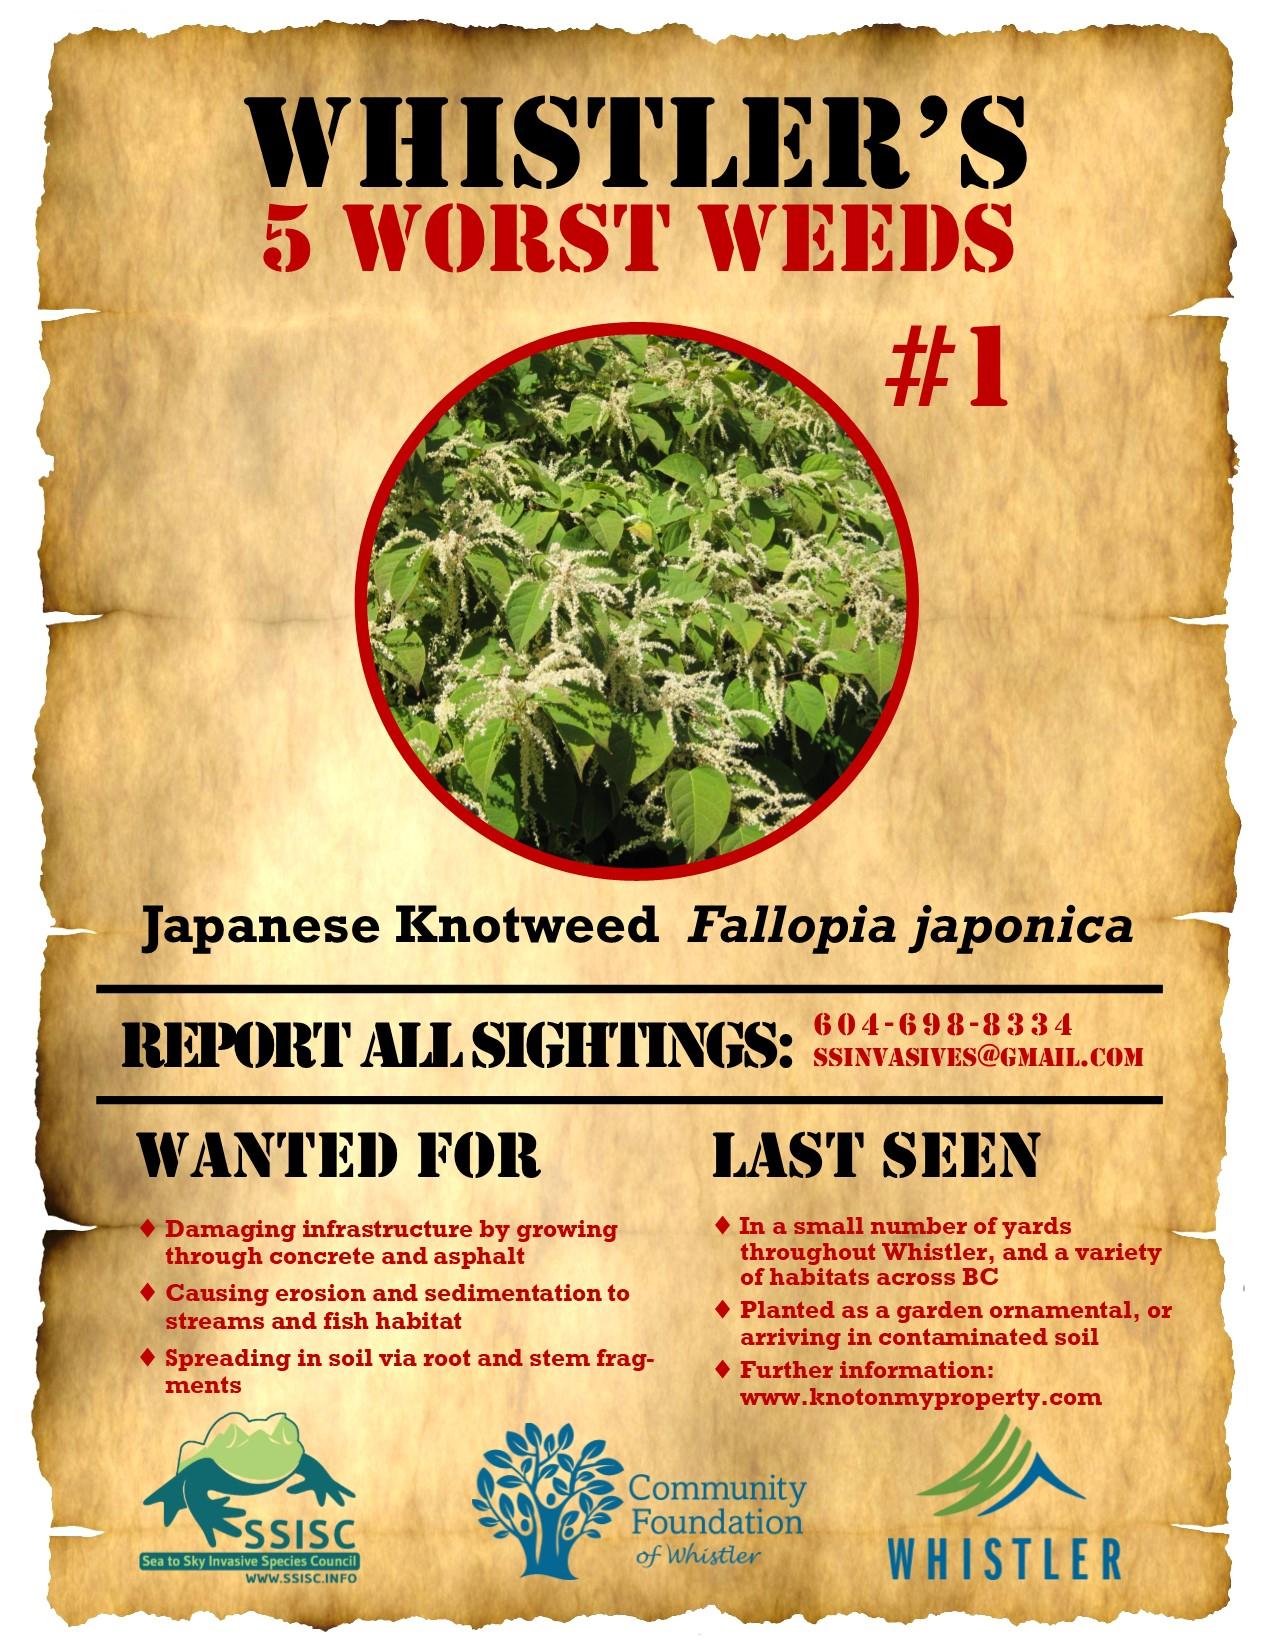 Whistlers-5-Worst-Weeds-Japanese-Knotweed